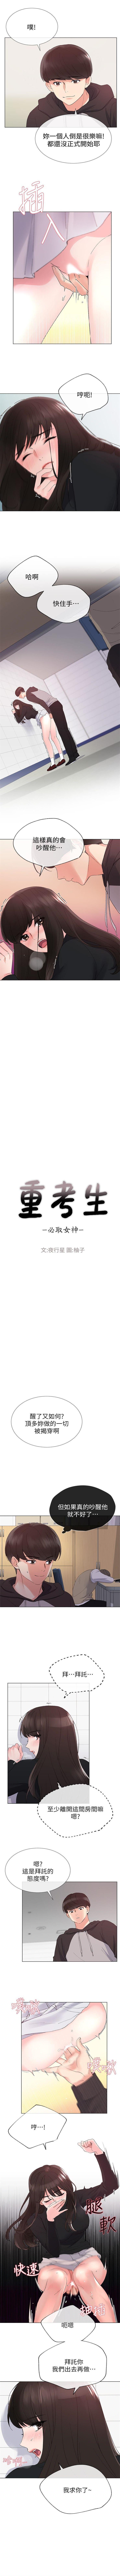 (週5)重考生 1-52 中文翻譯(更新中) 163